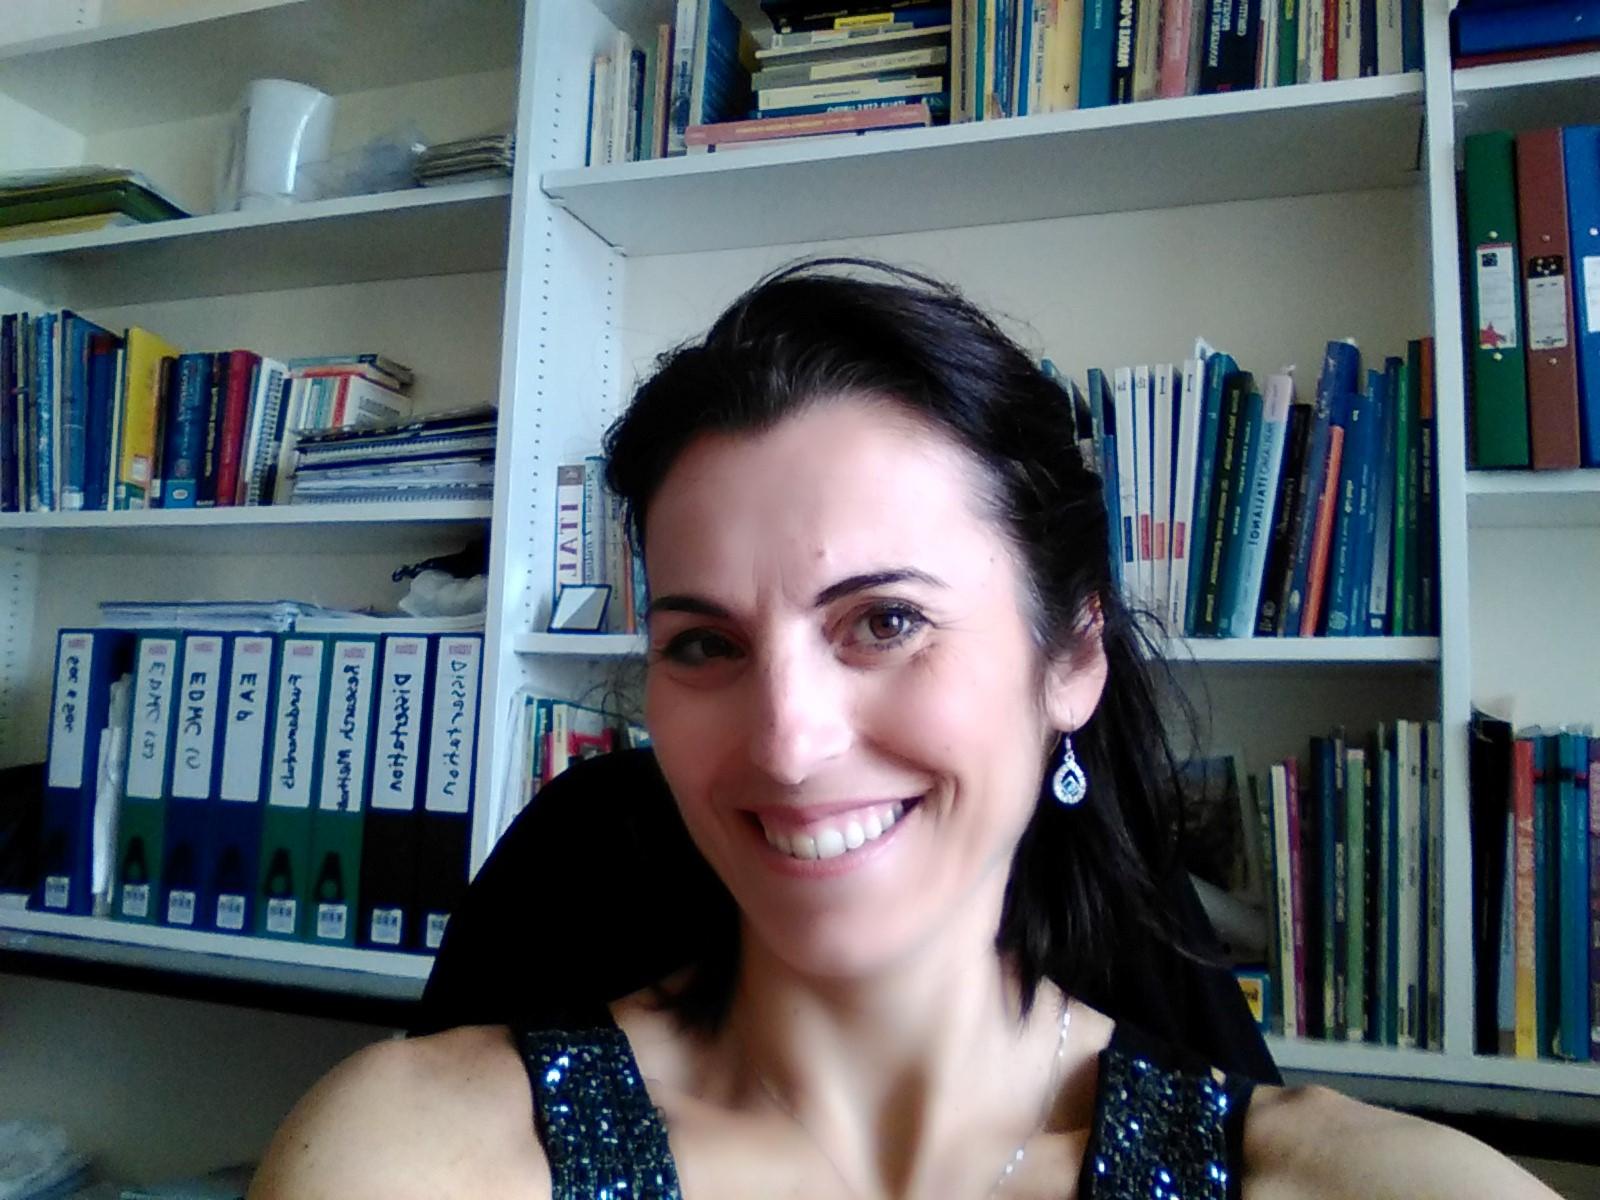 Sonia Gallucci